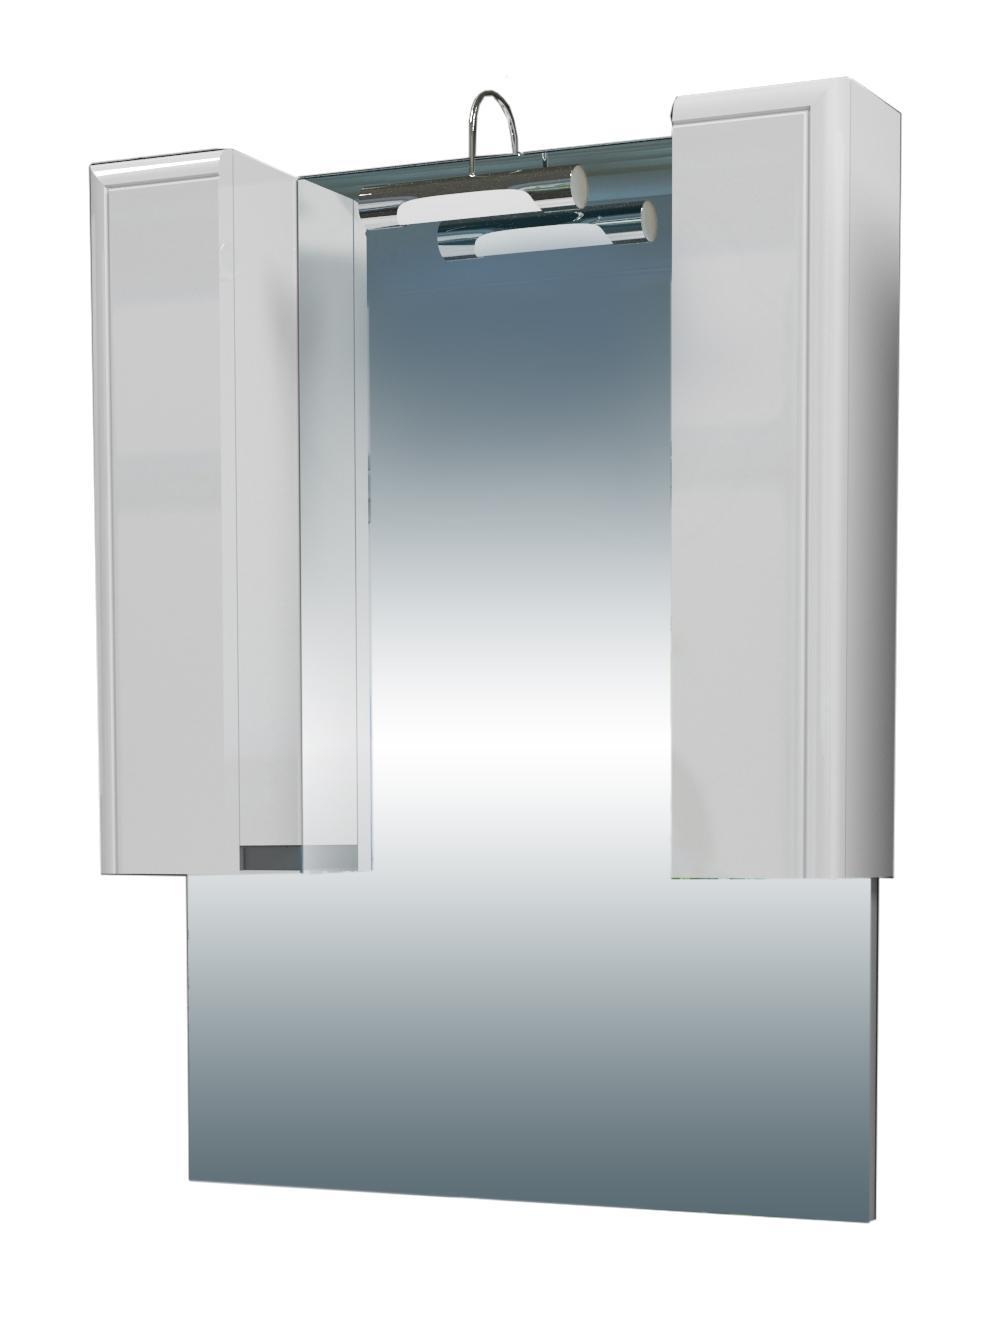 Зеркальный шкаф EdelformМебель для ванной комнаты<br>Тип: шкаф,<br>Тип установки мебели для ванной: подвесной,<br>Материал изготовления мебели для ванной: дсп,<br>Зеркало: есть,<br>Цвет мебели для ванной: белый,<br>Вес нетто: 23.5<br>